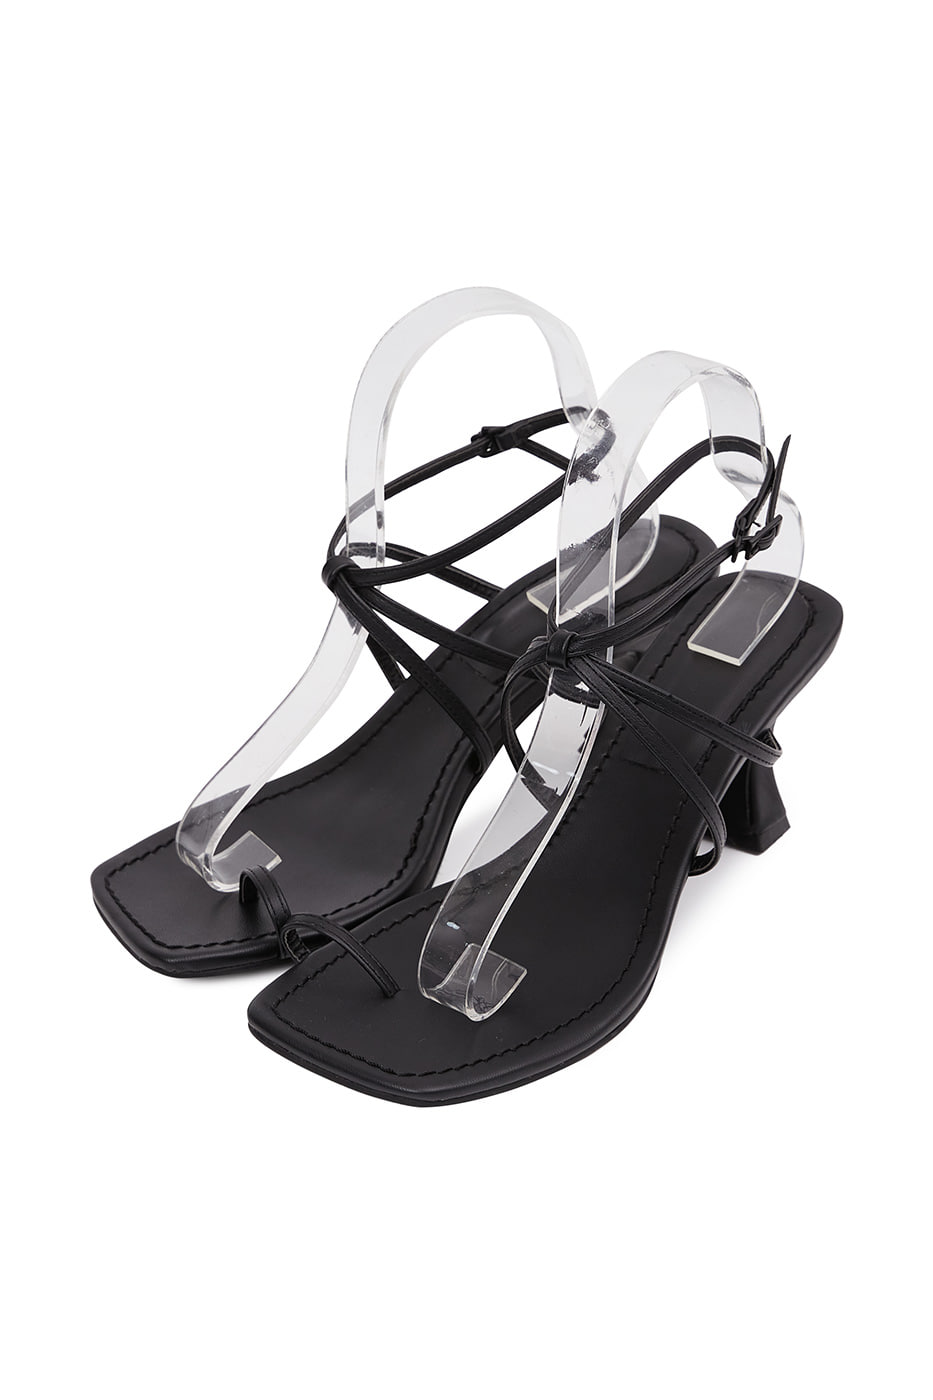 sense toe hold mid heel sandals